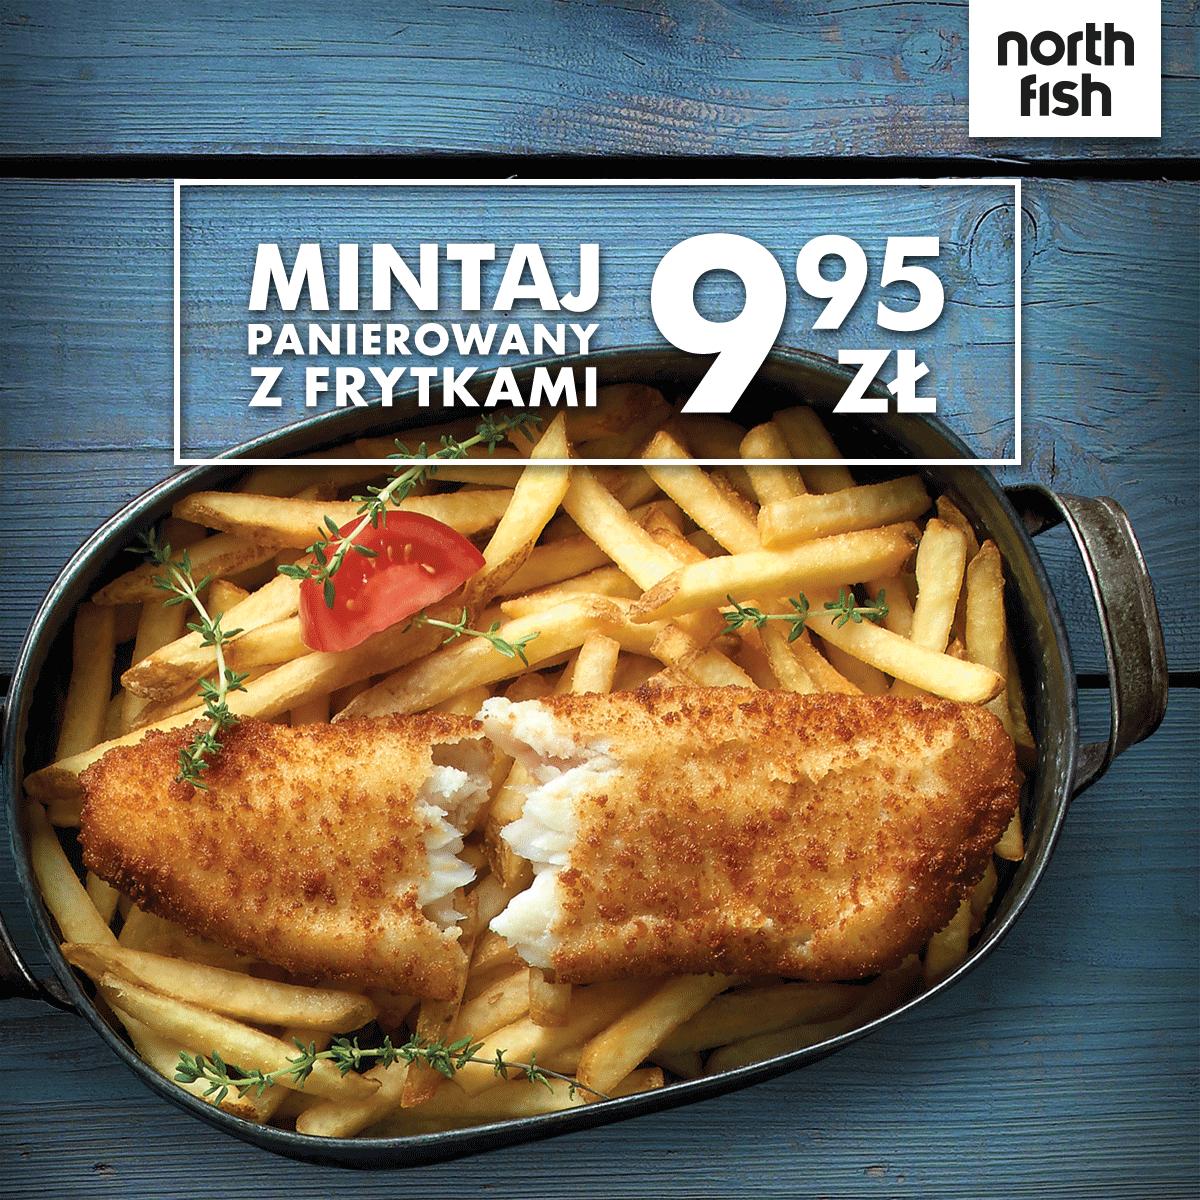 North Fish - Mintaj z frytkami za 9,95 zł. Sposób na lemoniadę za 1 grosz!